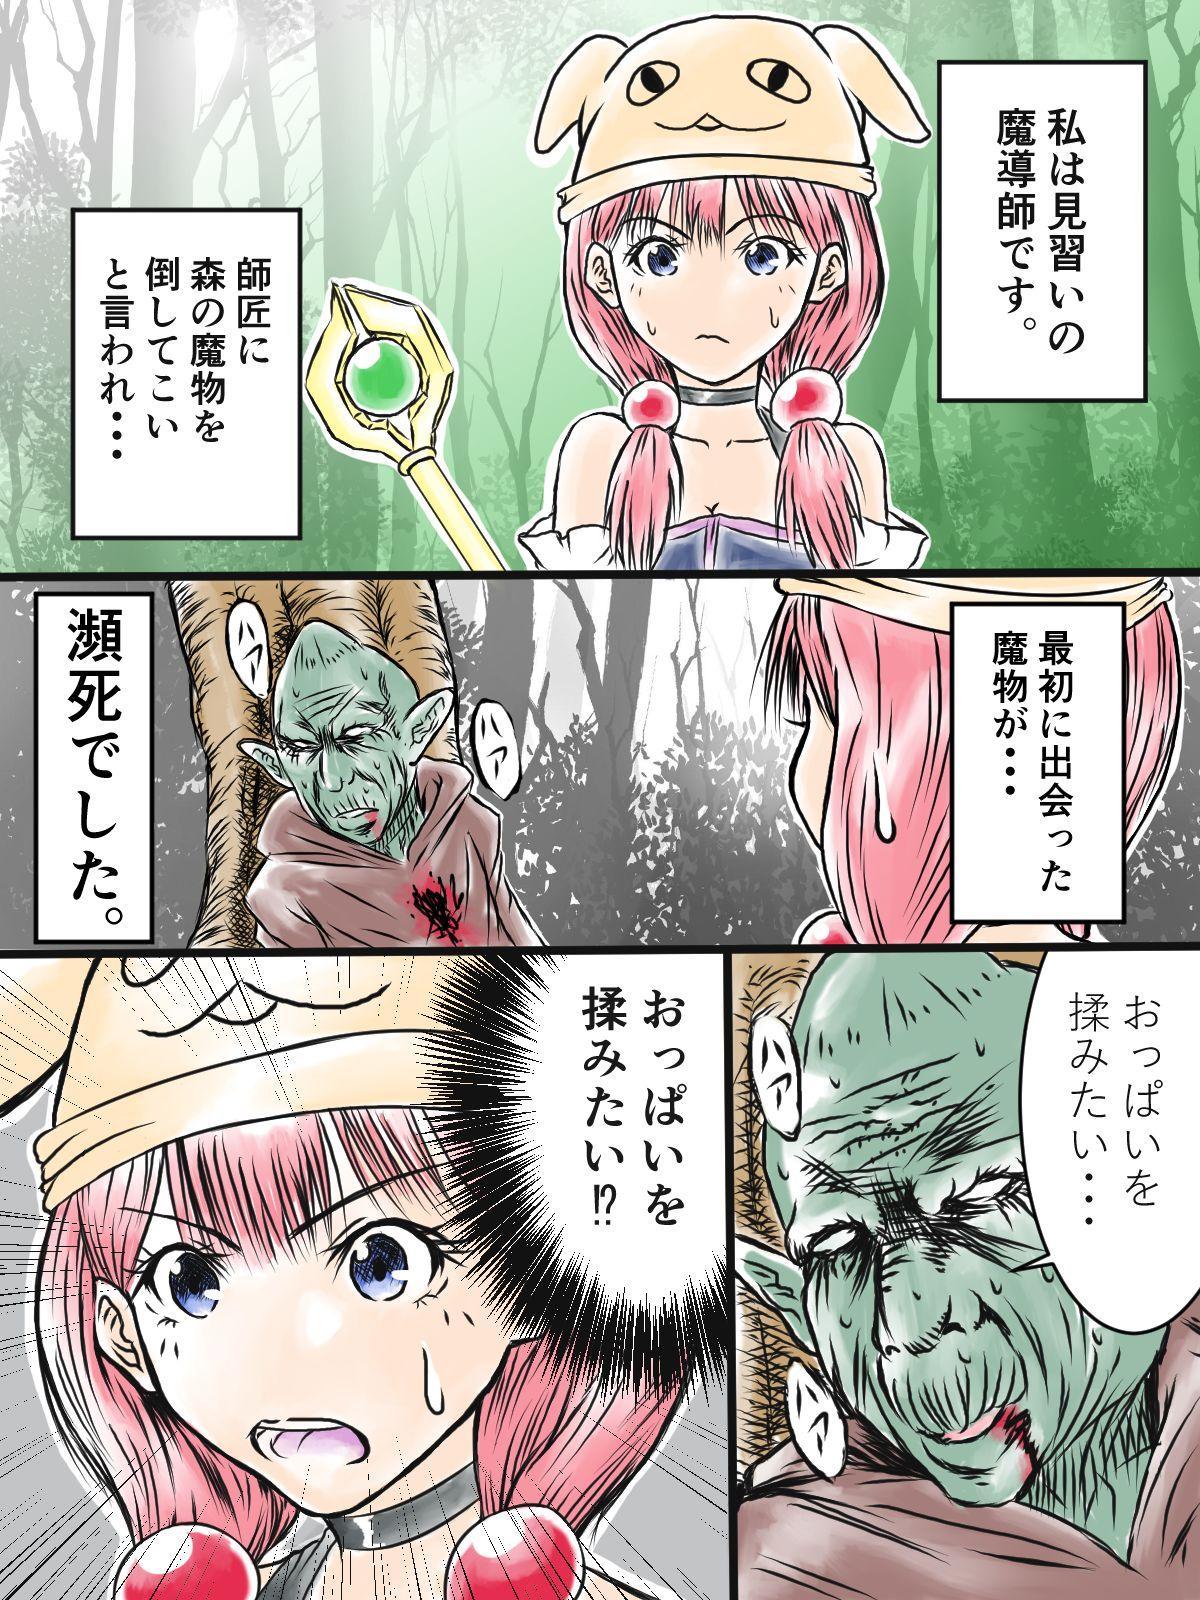 見習い魔導師ちゃん 0